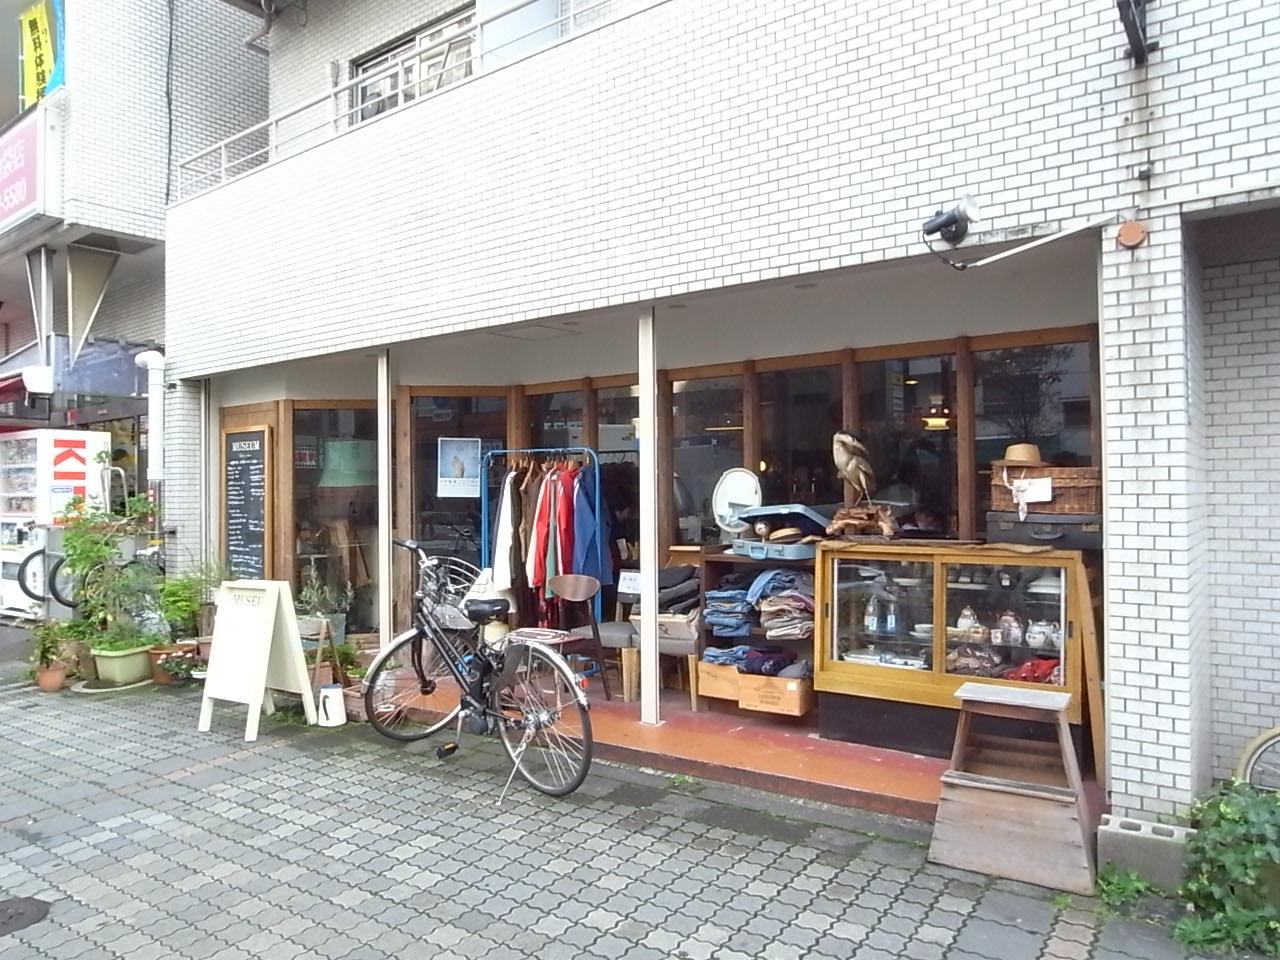 お洒落。店外にディスプレイされている古着、雑貨も購入可能。